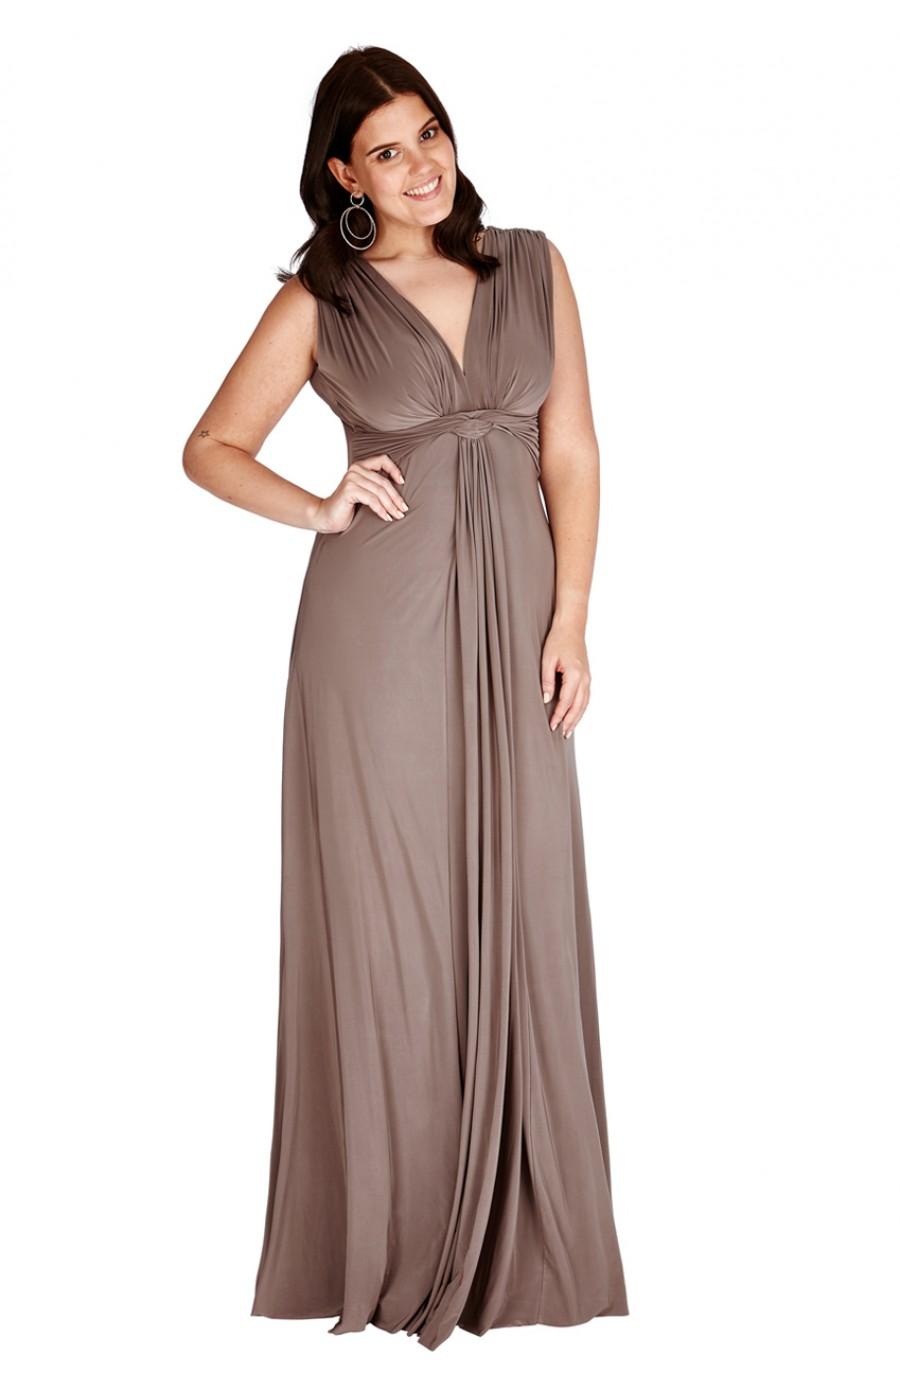 Χυτό αναλαφρο φόρεμα στο χρώμα της μόκας